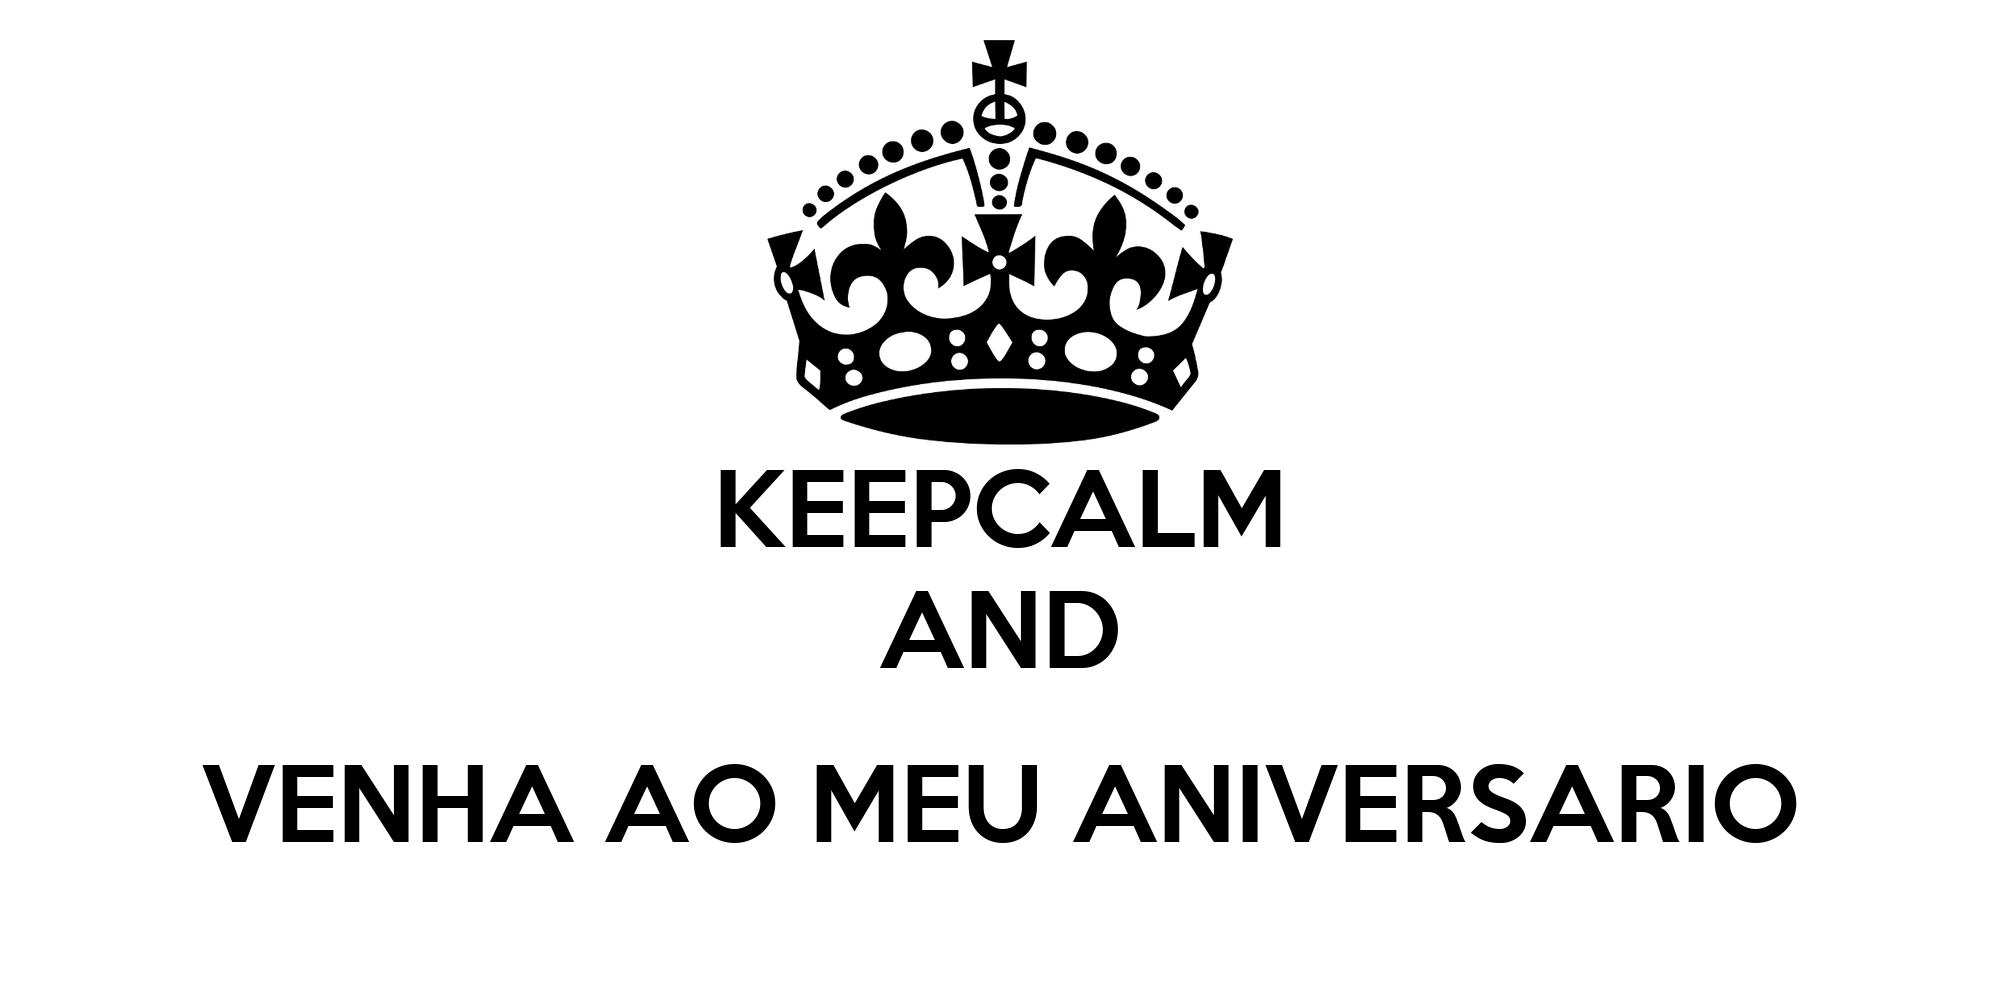 KEEPCALM AND VENHA AO MEU ANIVERSARIO Poster